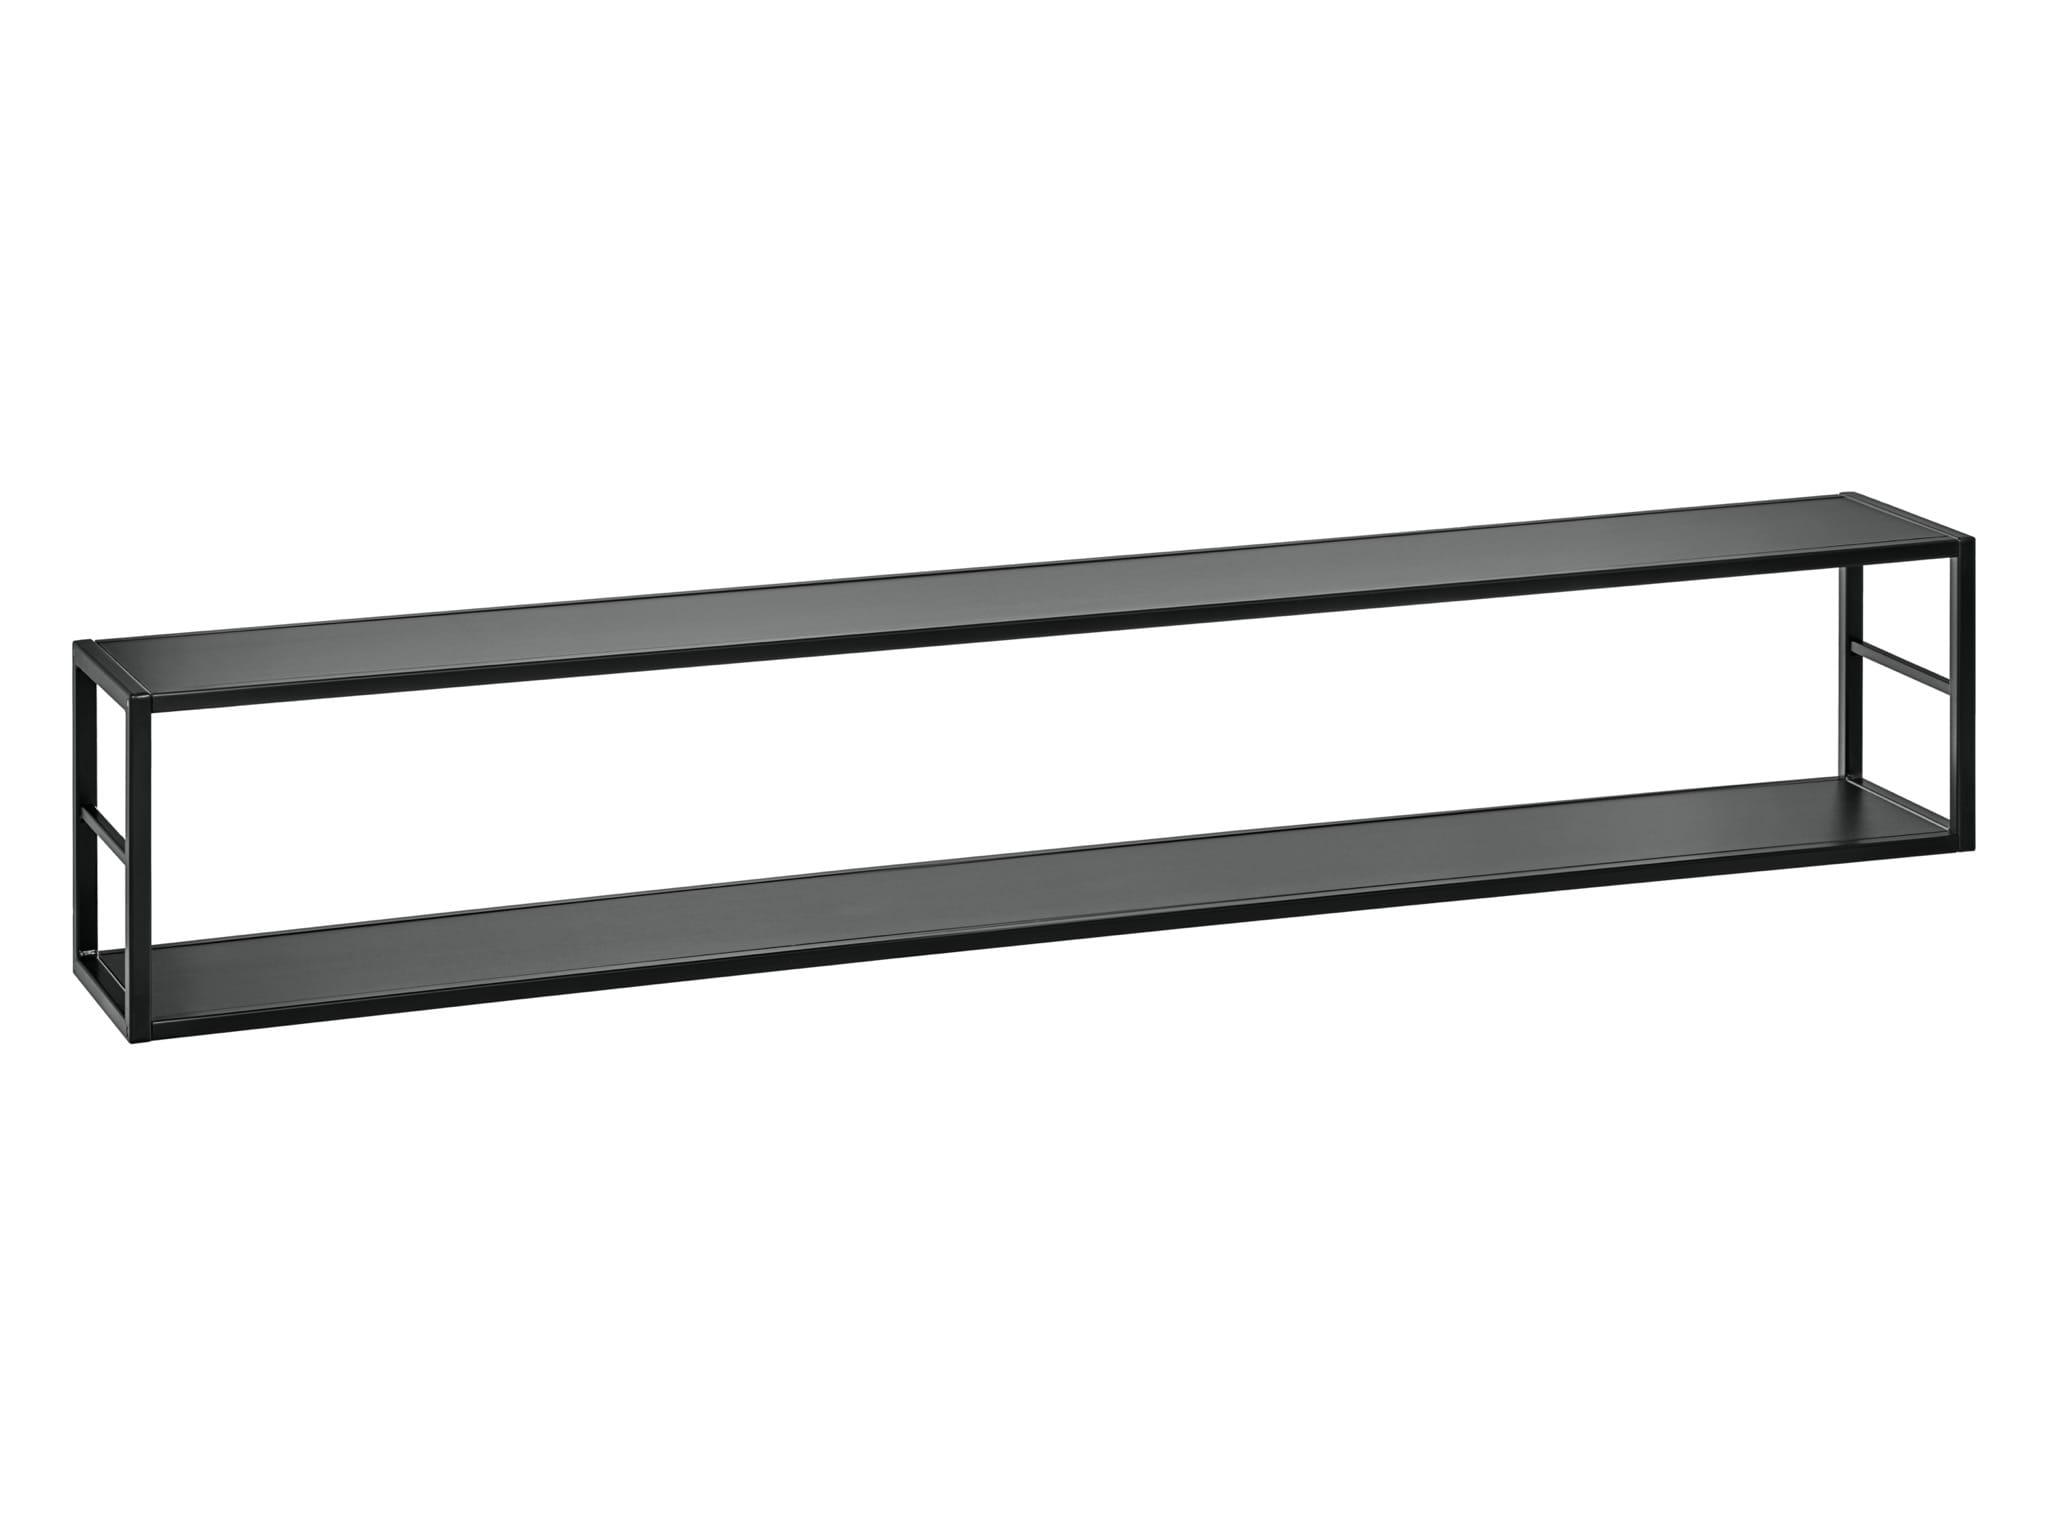 Image of Regał Metalowy Switch RM 8